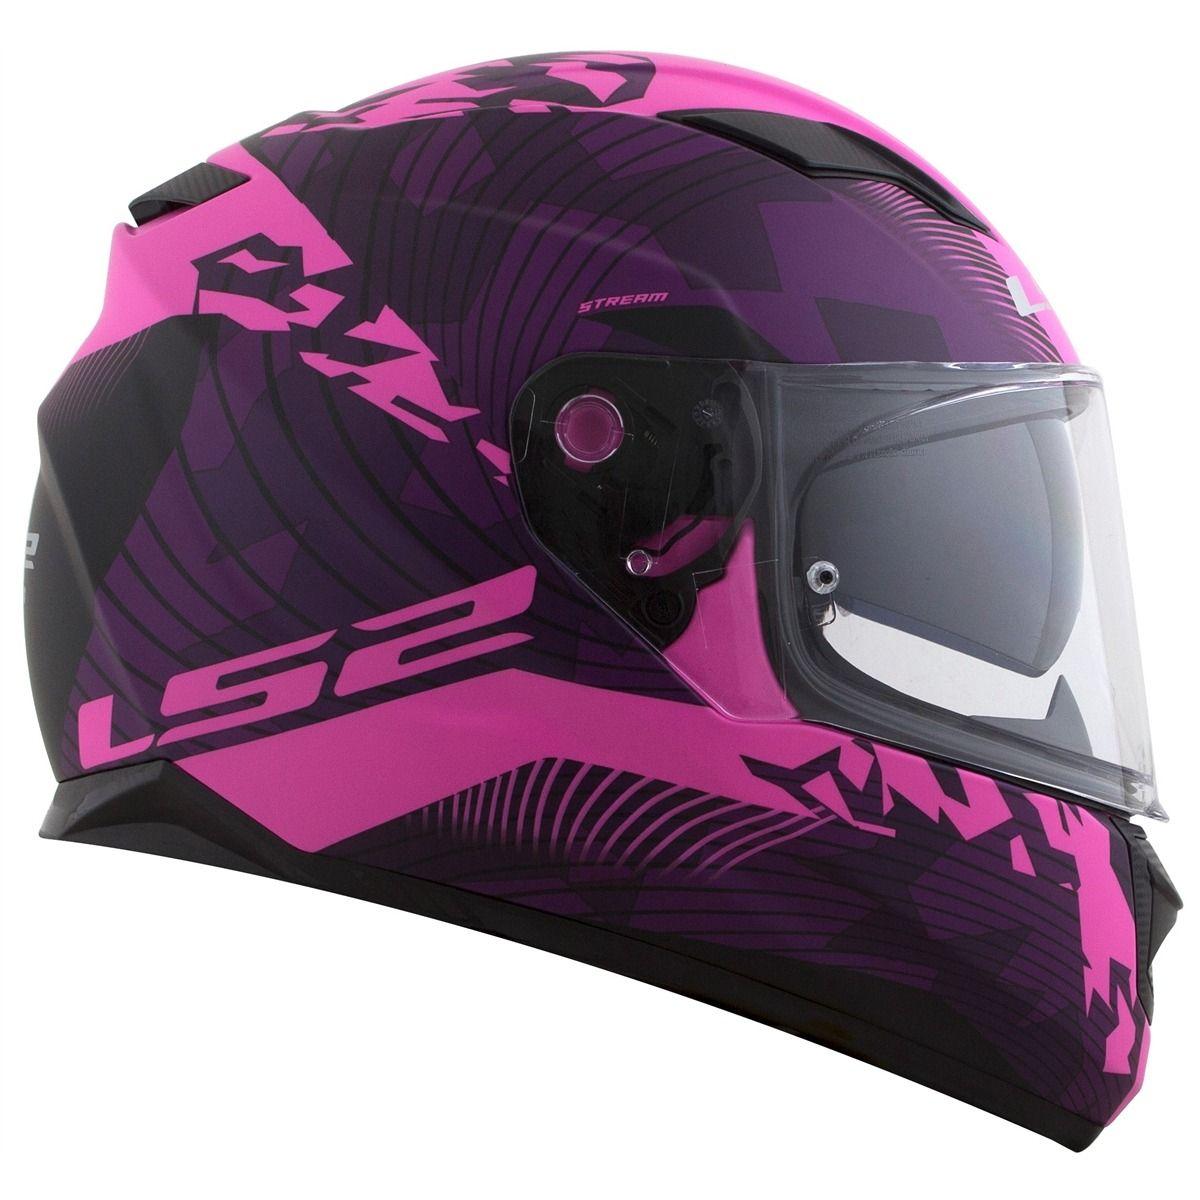 Capacete LS2 FF320 Stream (Rosa)  - Nova Centro Boutique Roupas para Motociclistas